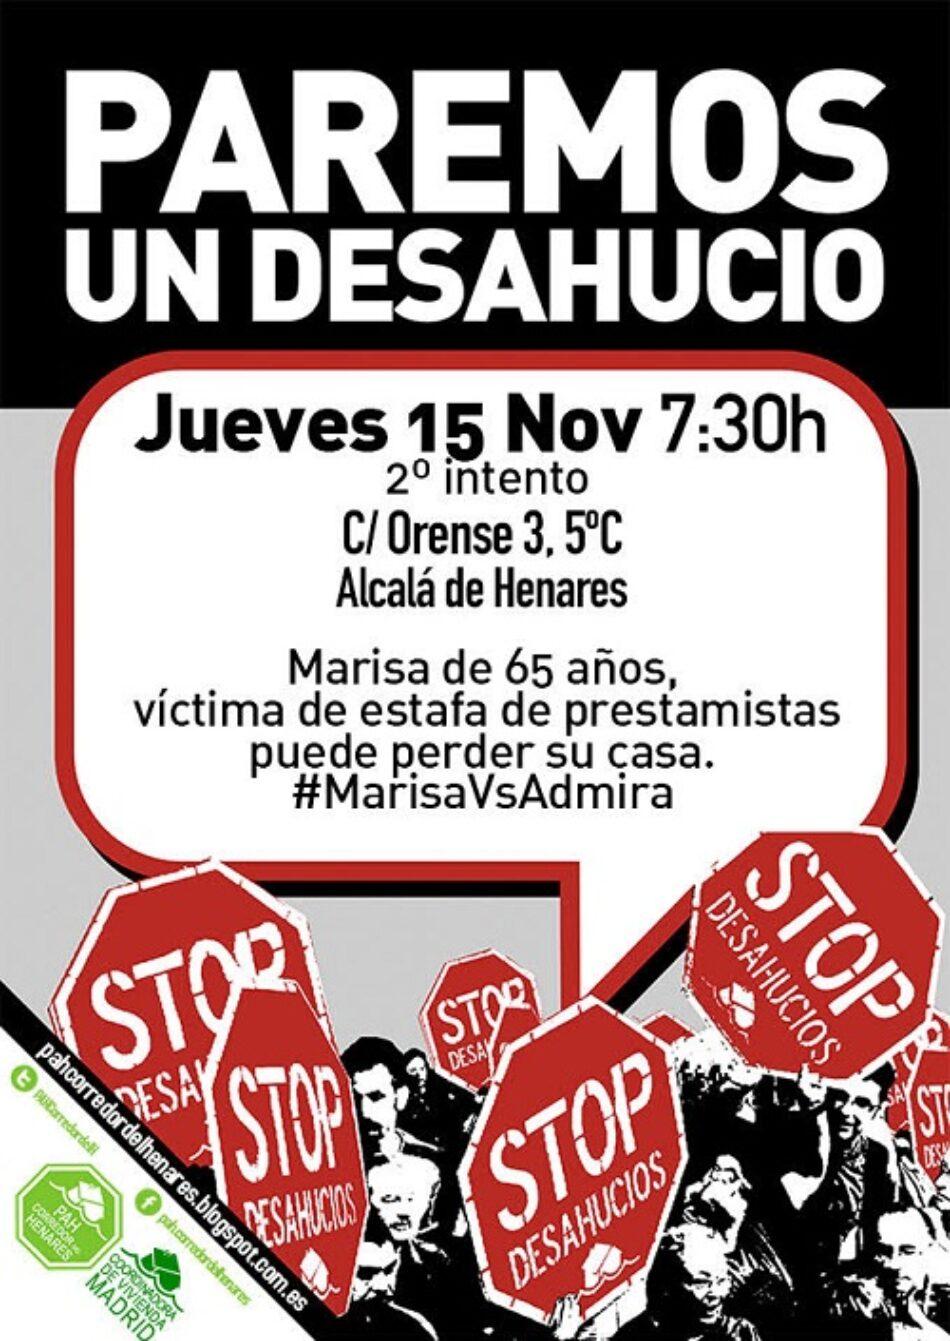 Este jueves en Alcalá la PAH intentará parar por segunda vez el desahucio de Marisa